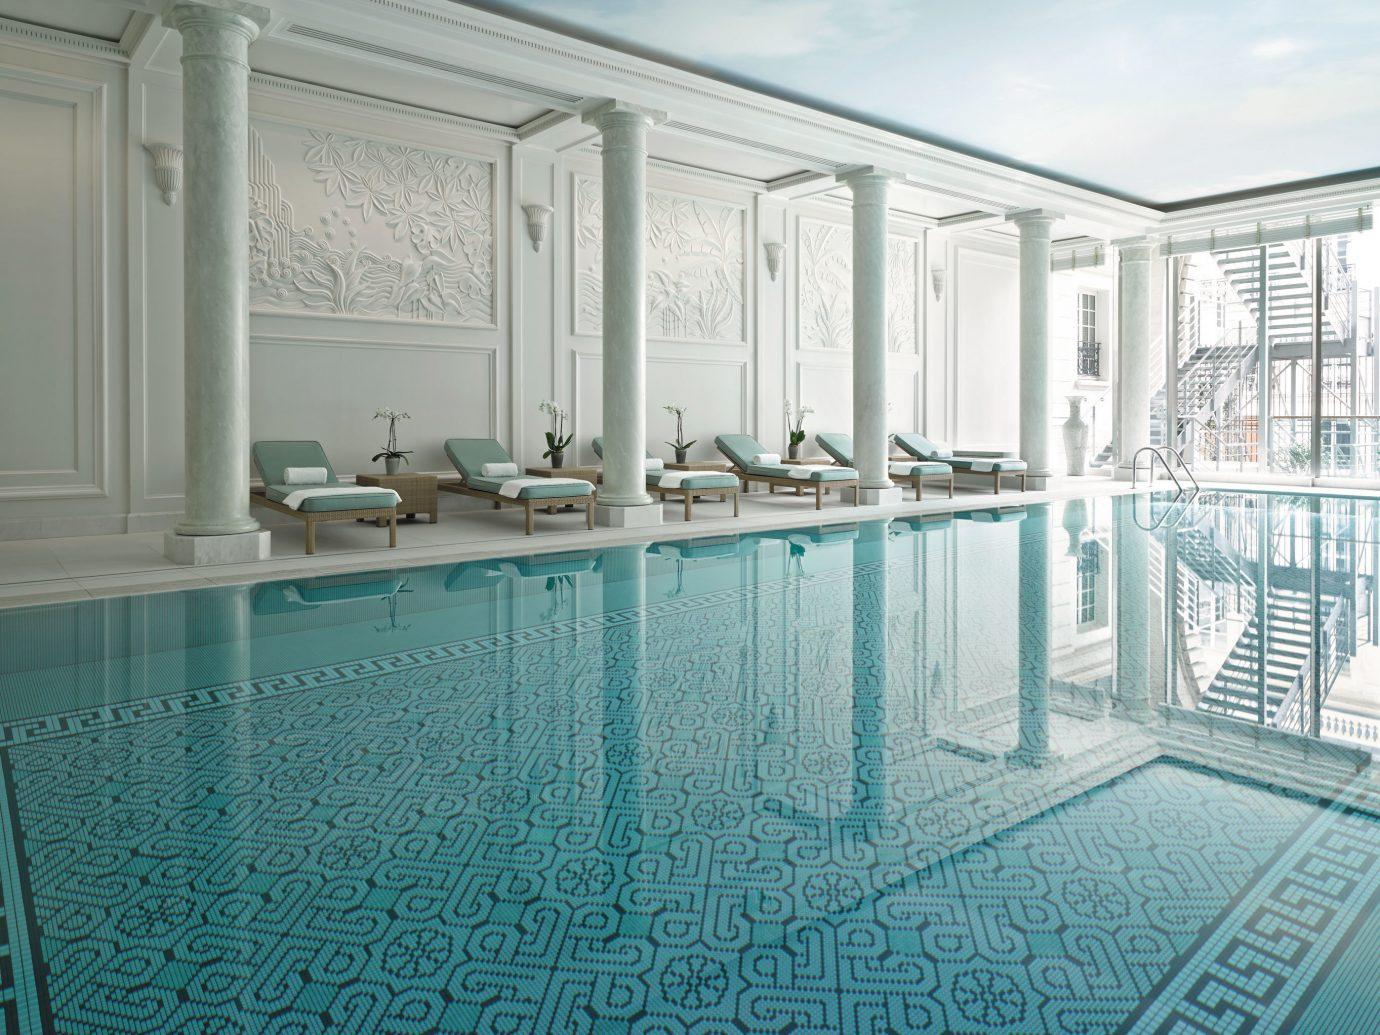 Elegant Fitness France Hotels Luxury Paris Pool Romance Romantic Wellness indoor room swimming pool property building floor estate mansion flooring interior design condominium Design blue